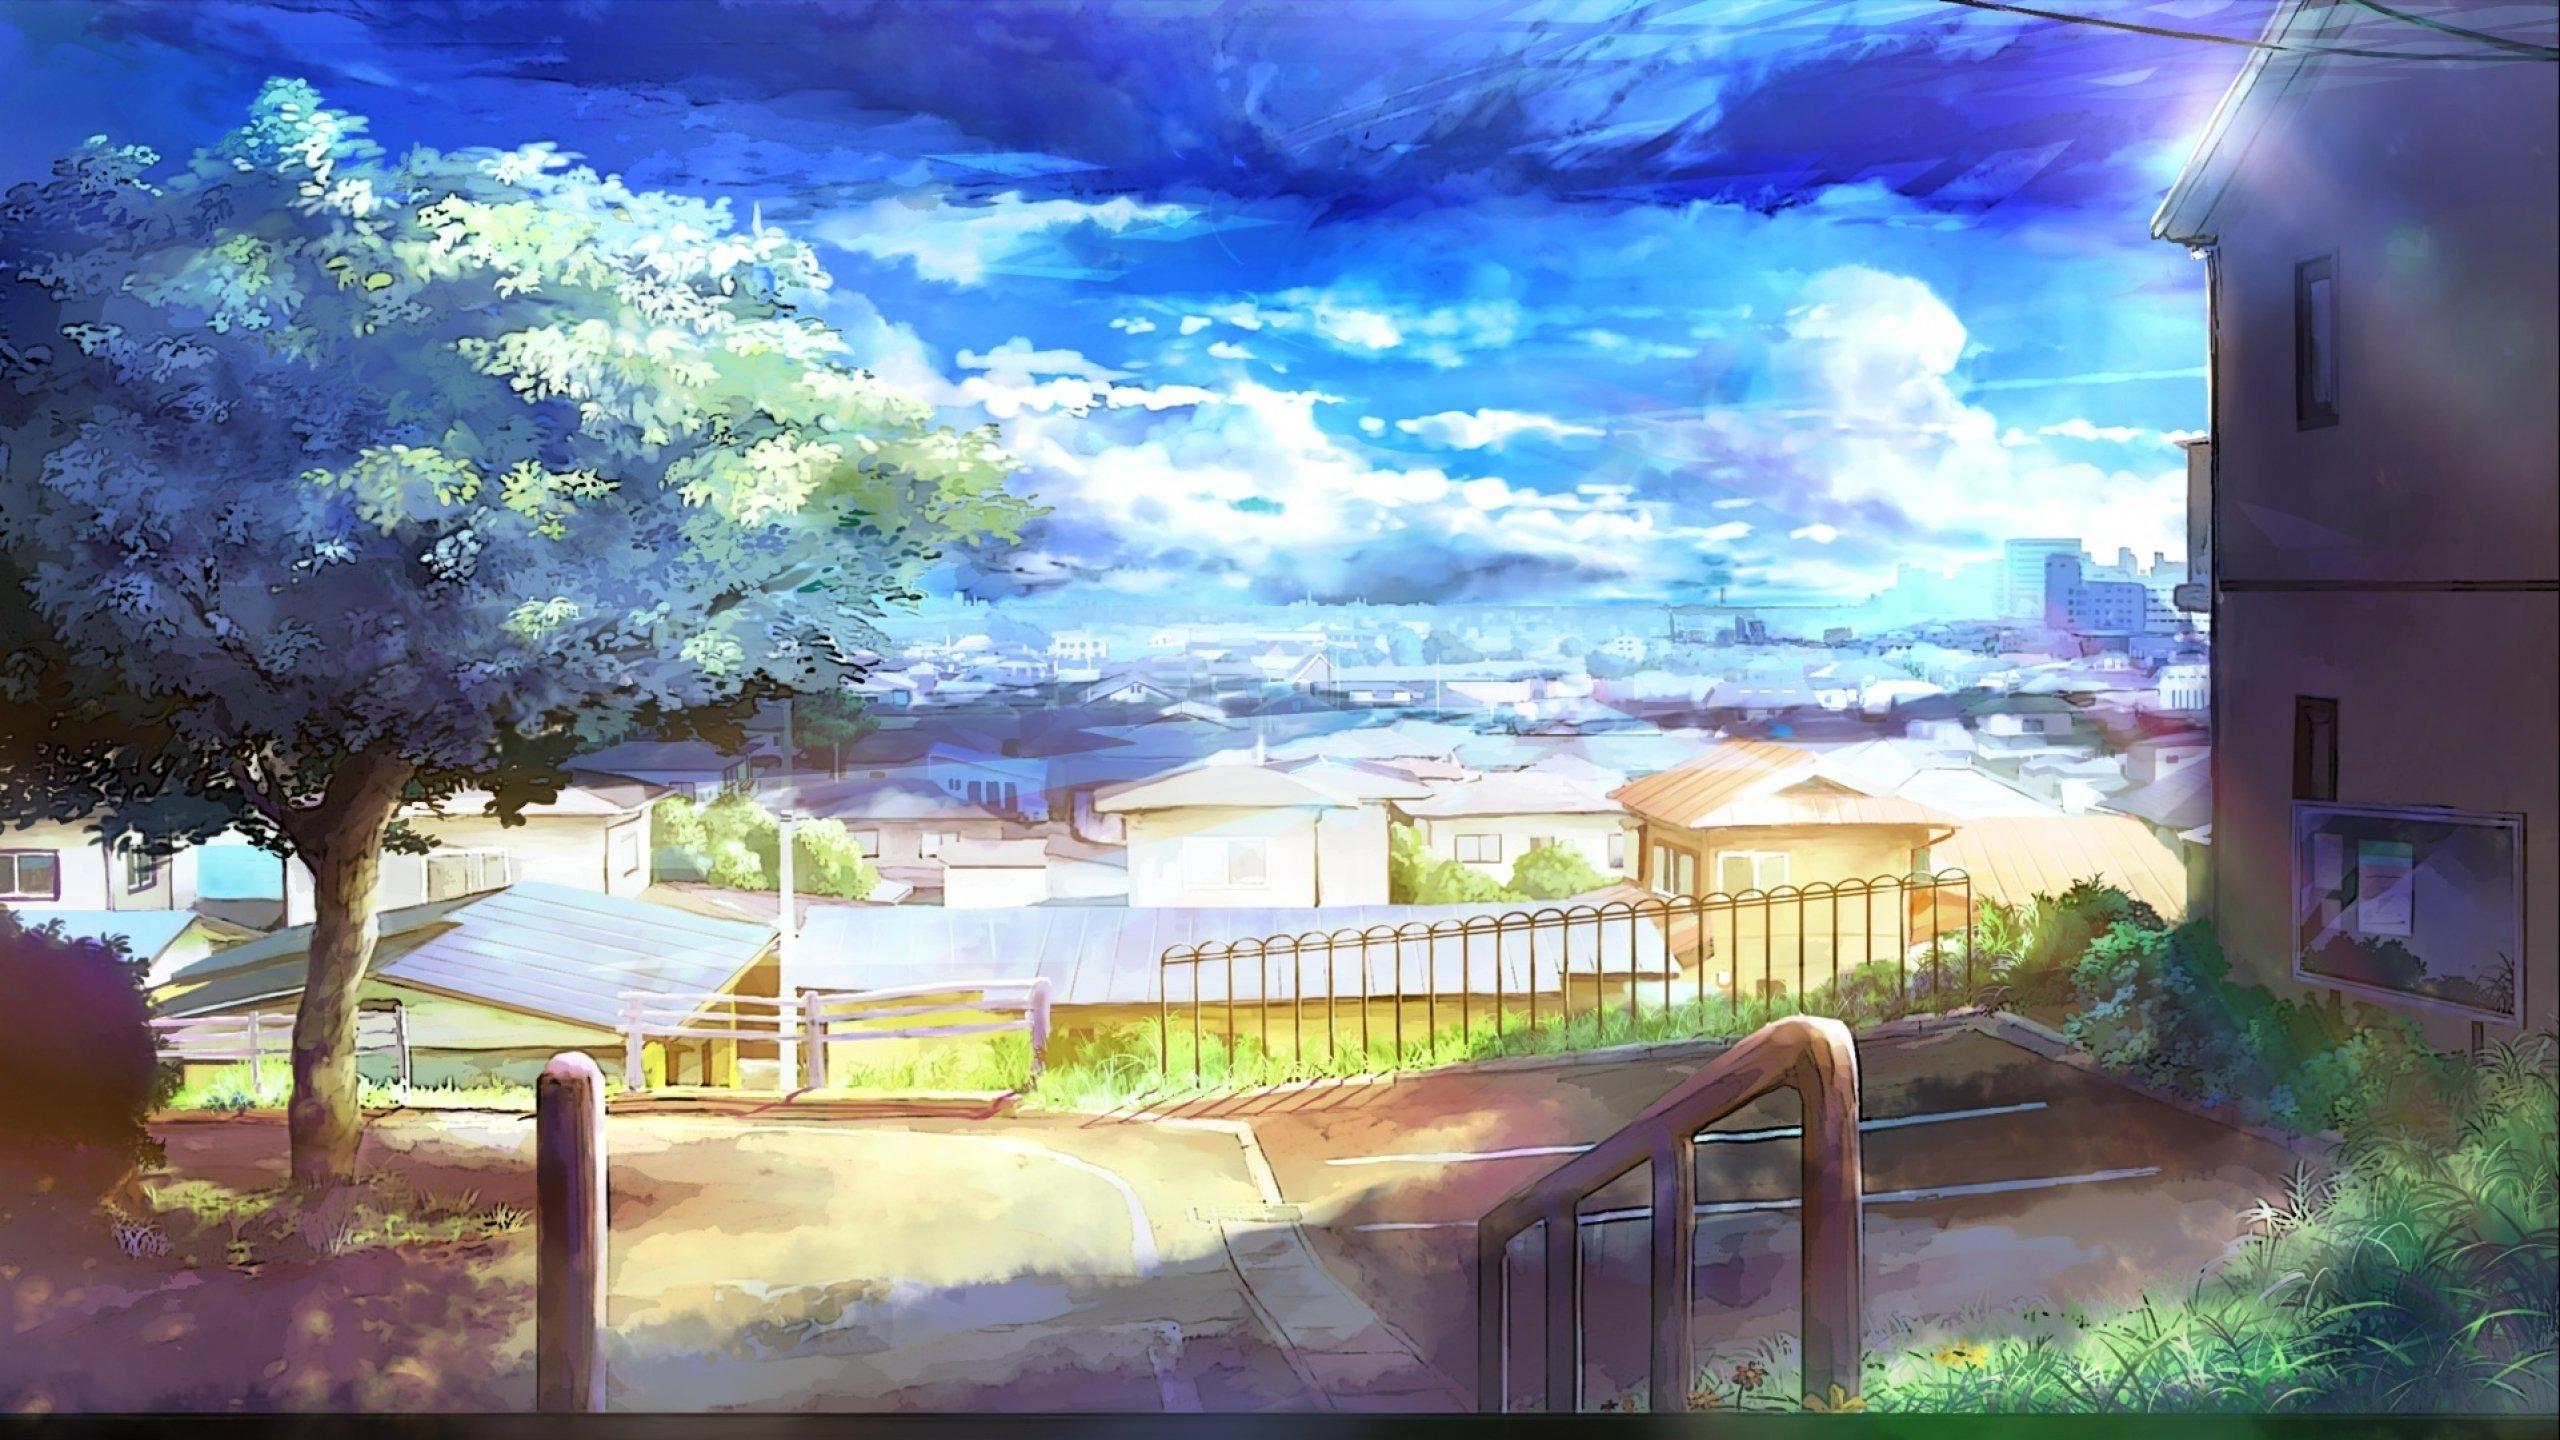 夏日风景图,二次元夏日风景,动漫夏日场景图